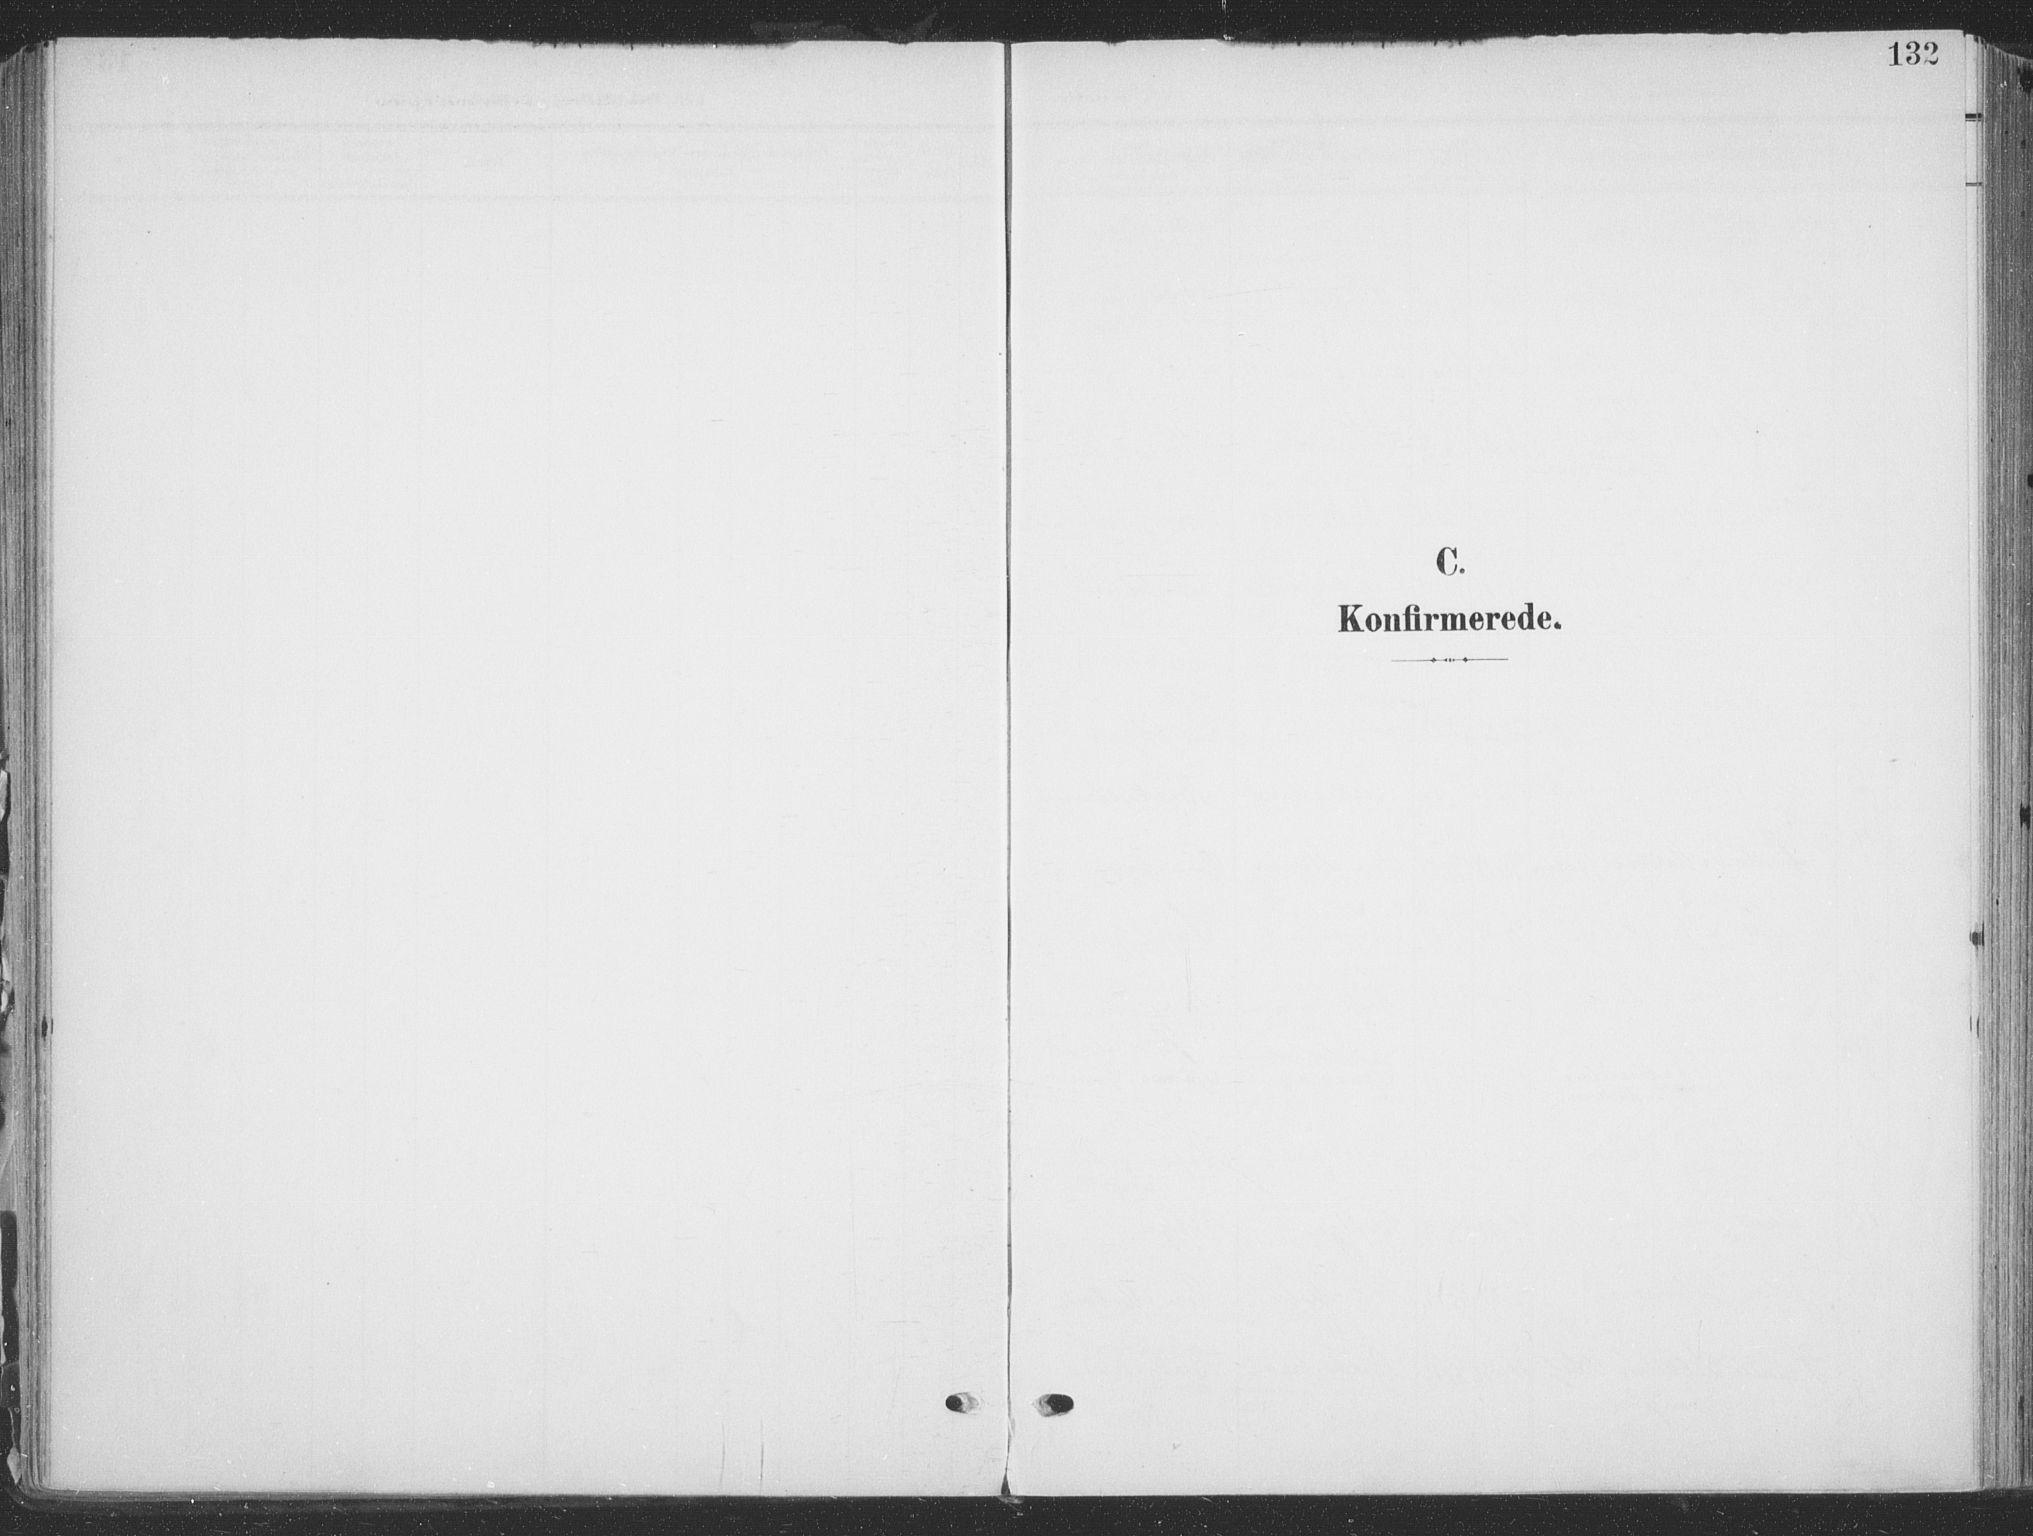 SATØ, Tana sokneprestkontor, H/Ha/L0007kirke: Ministerialbok nr. 7, 1904-1918, s. 132